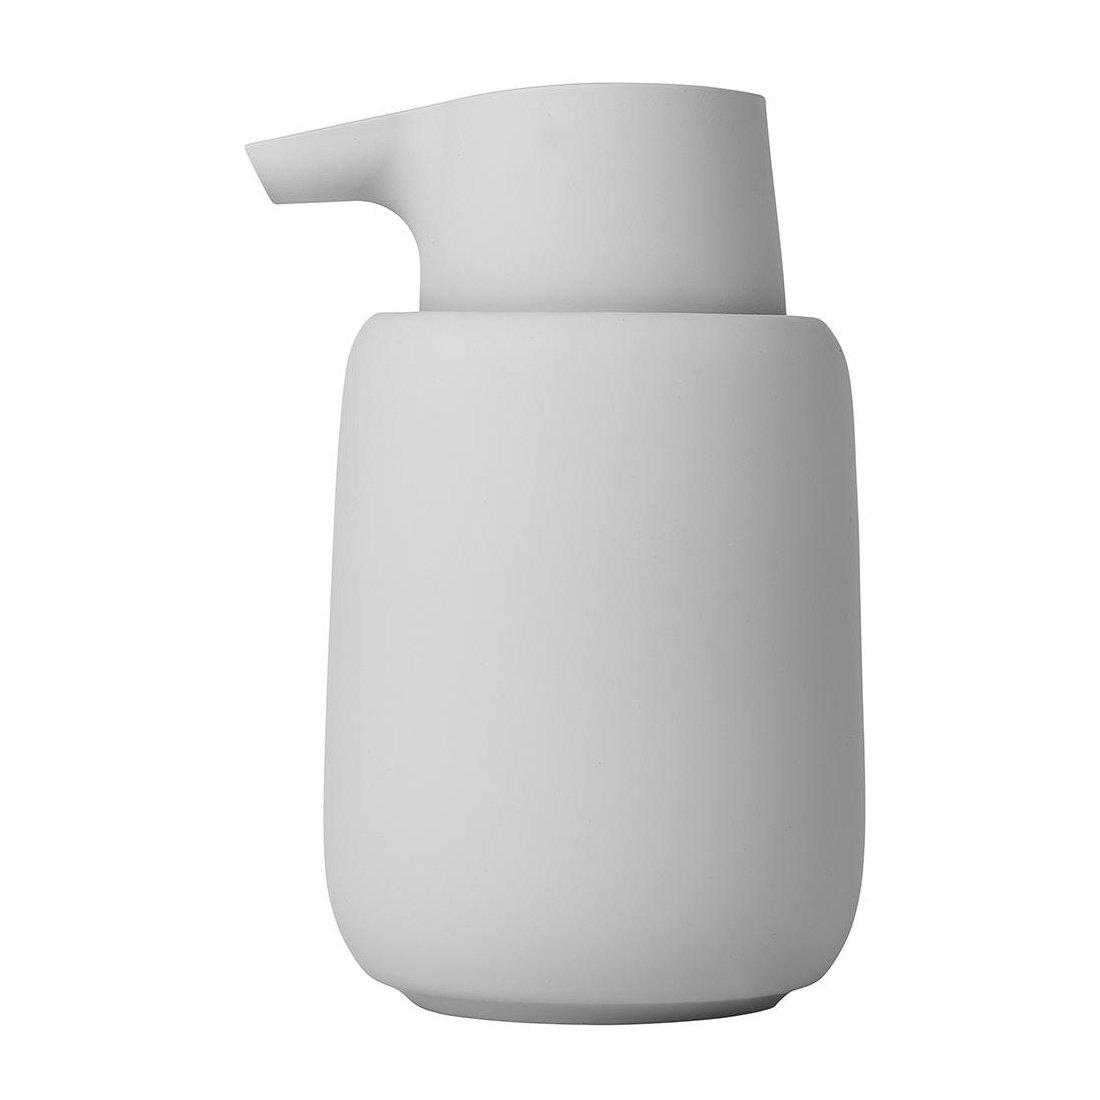 Blomus 69063 SONO Soap Dispenser (Color-Microchip Light Gray)